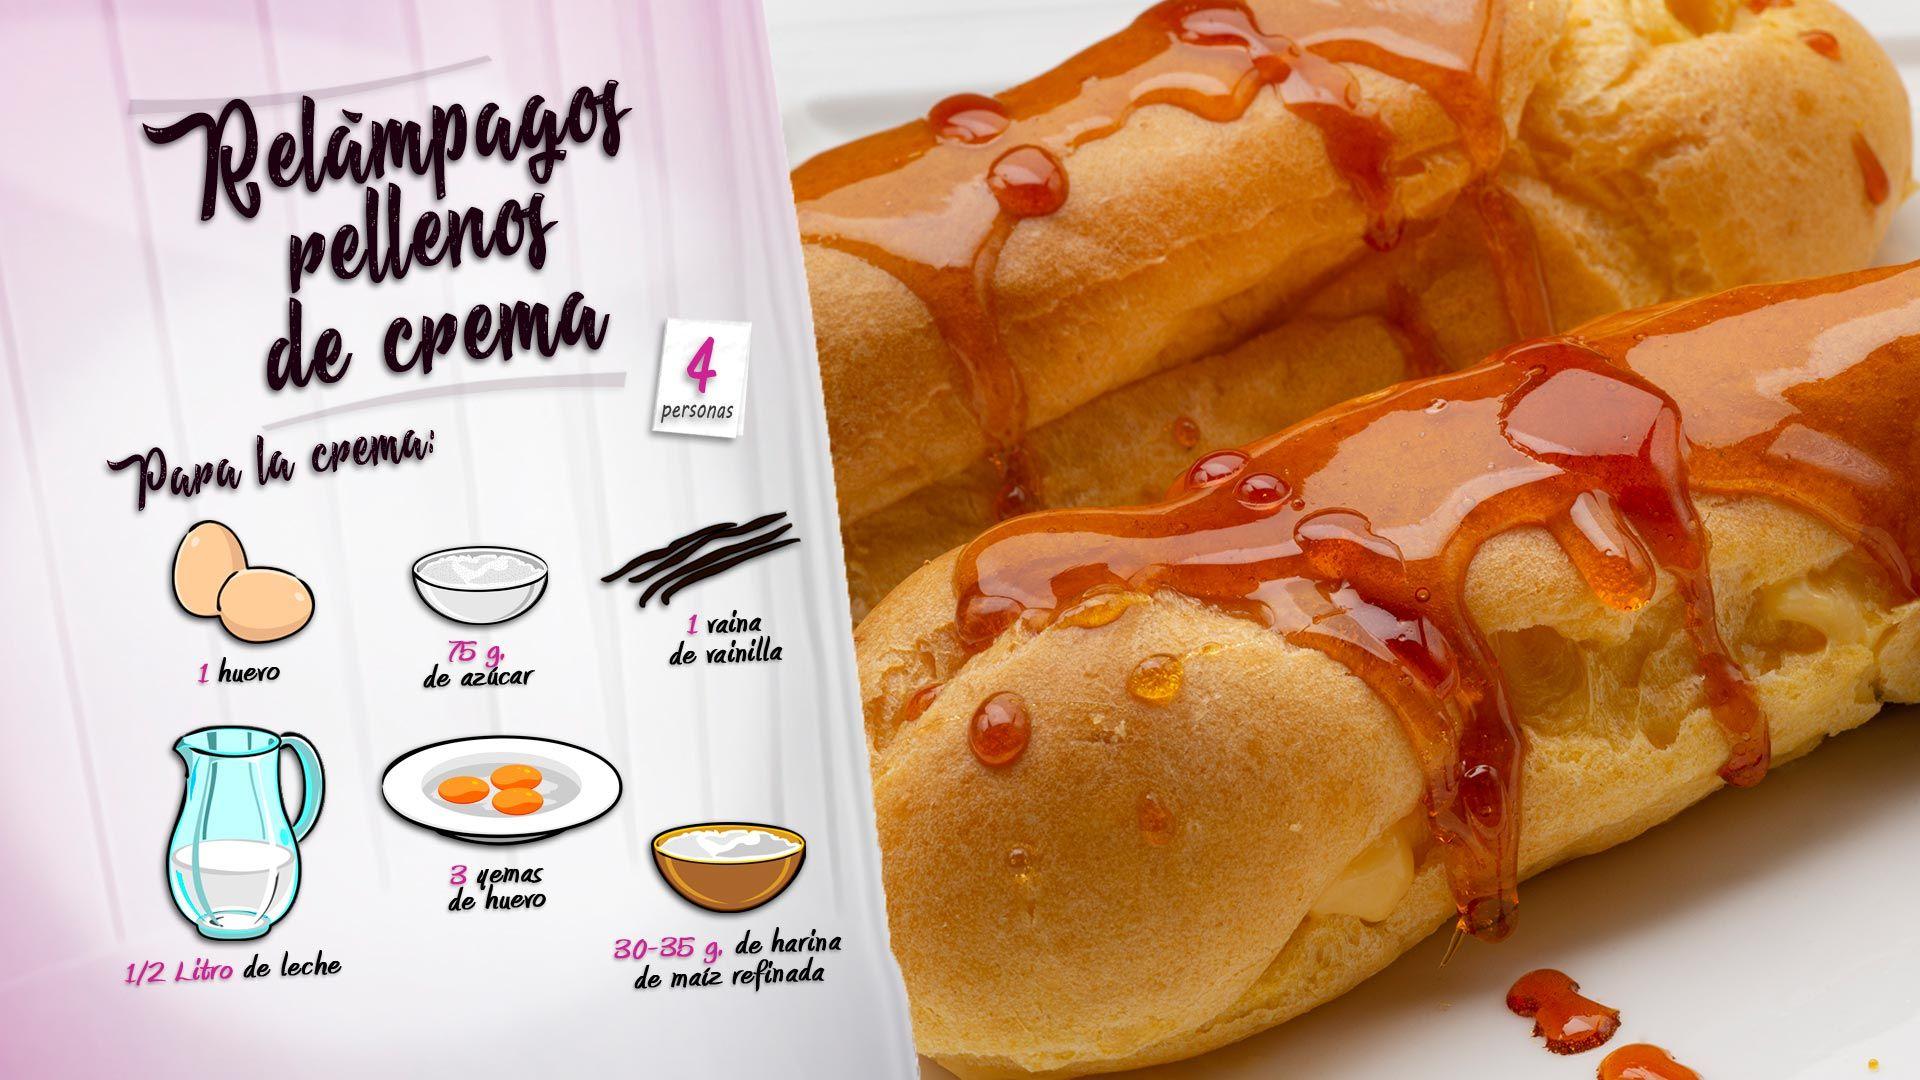 Relámpagos rellenos de crema, una dulce propuesta de Eva Arguiñano